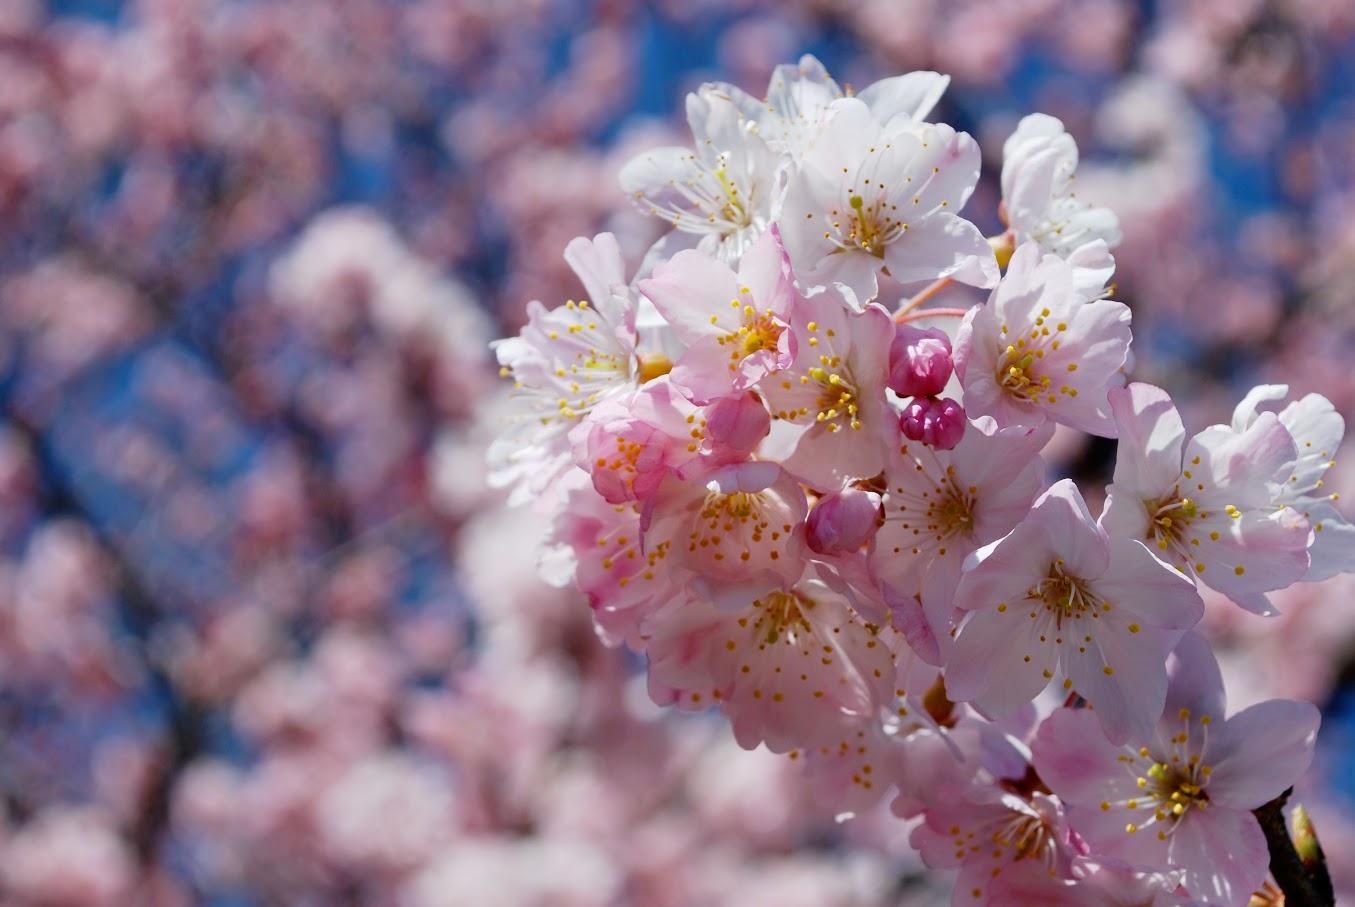 春めきは咲きかけが紅く、花が開くにつれ白くなります